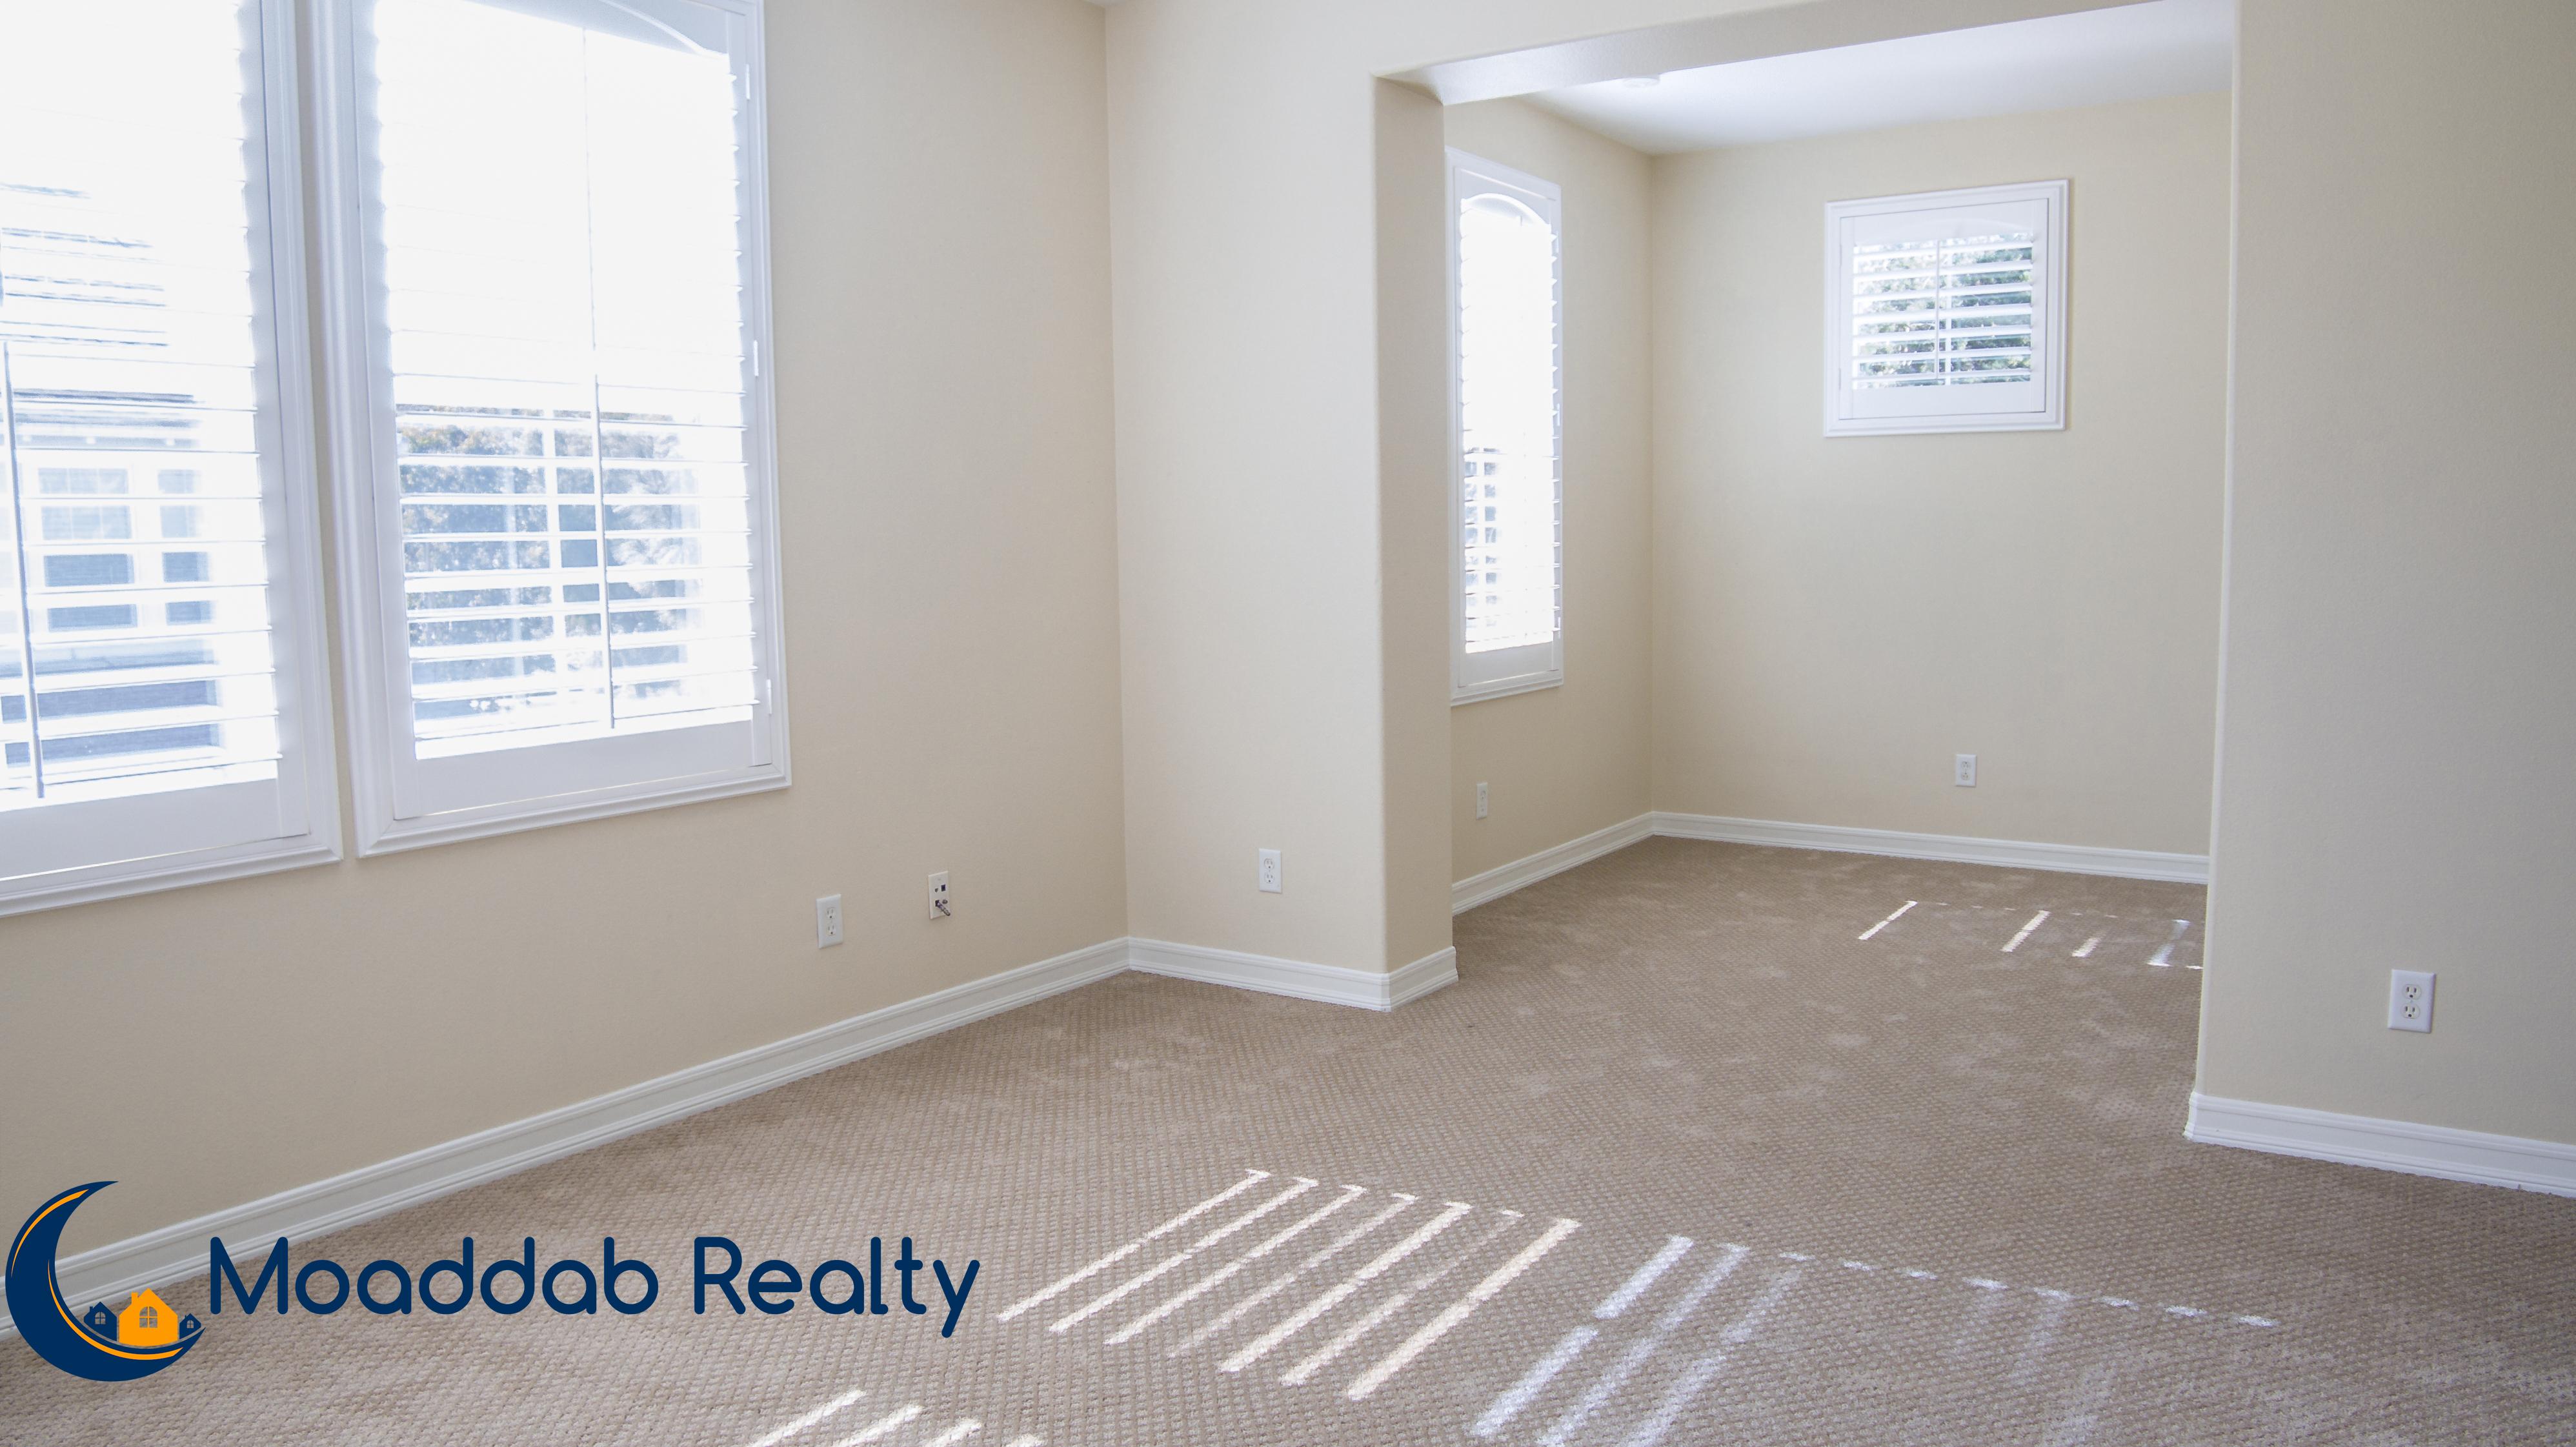 Master Bedroom & Retreat - View 3